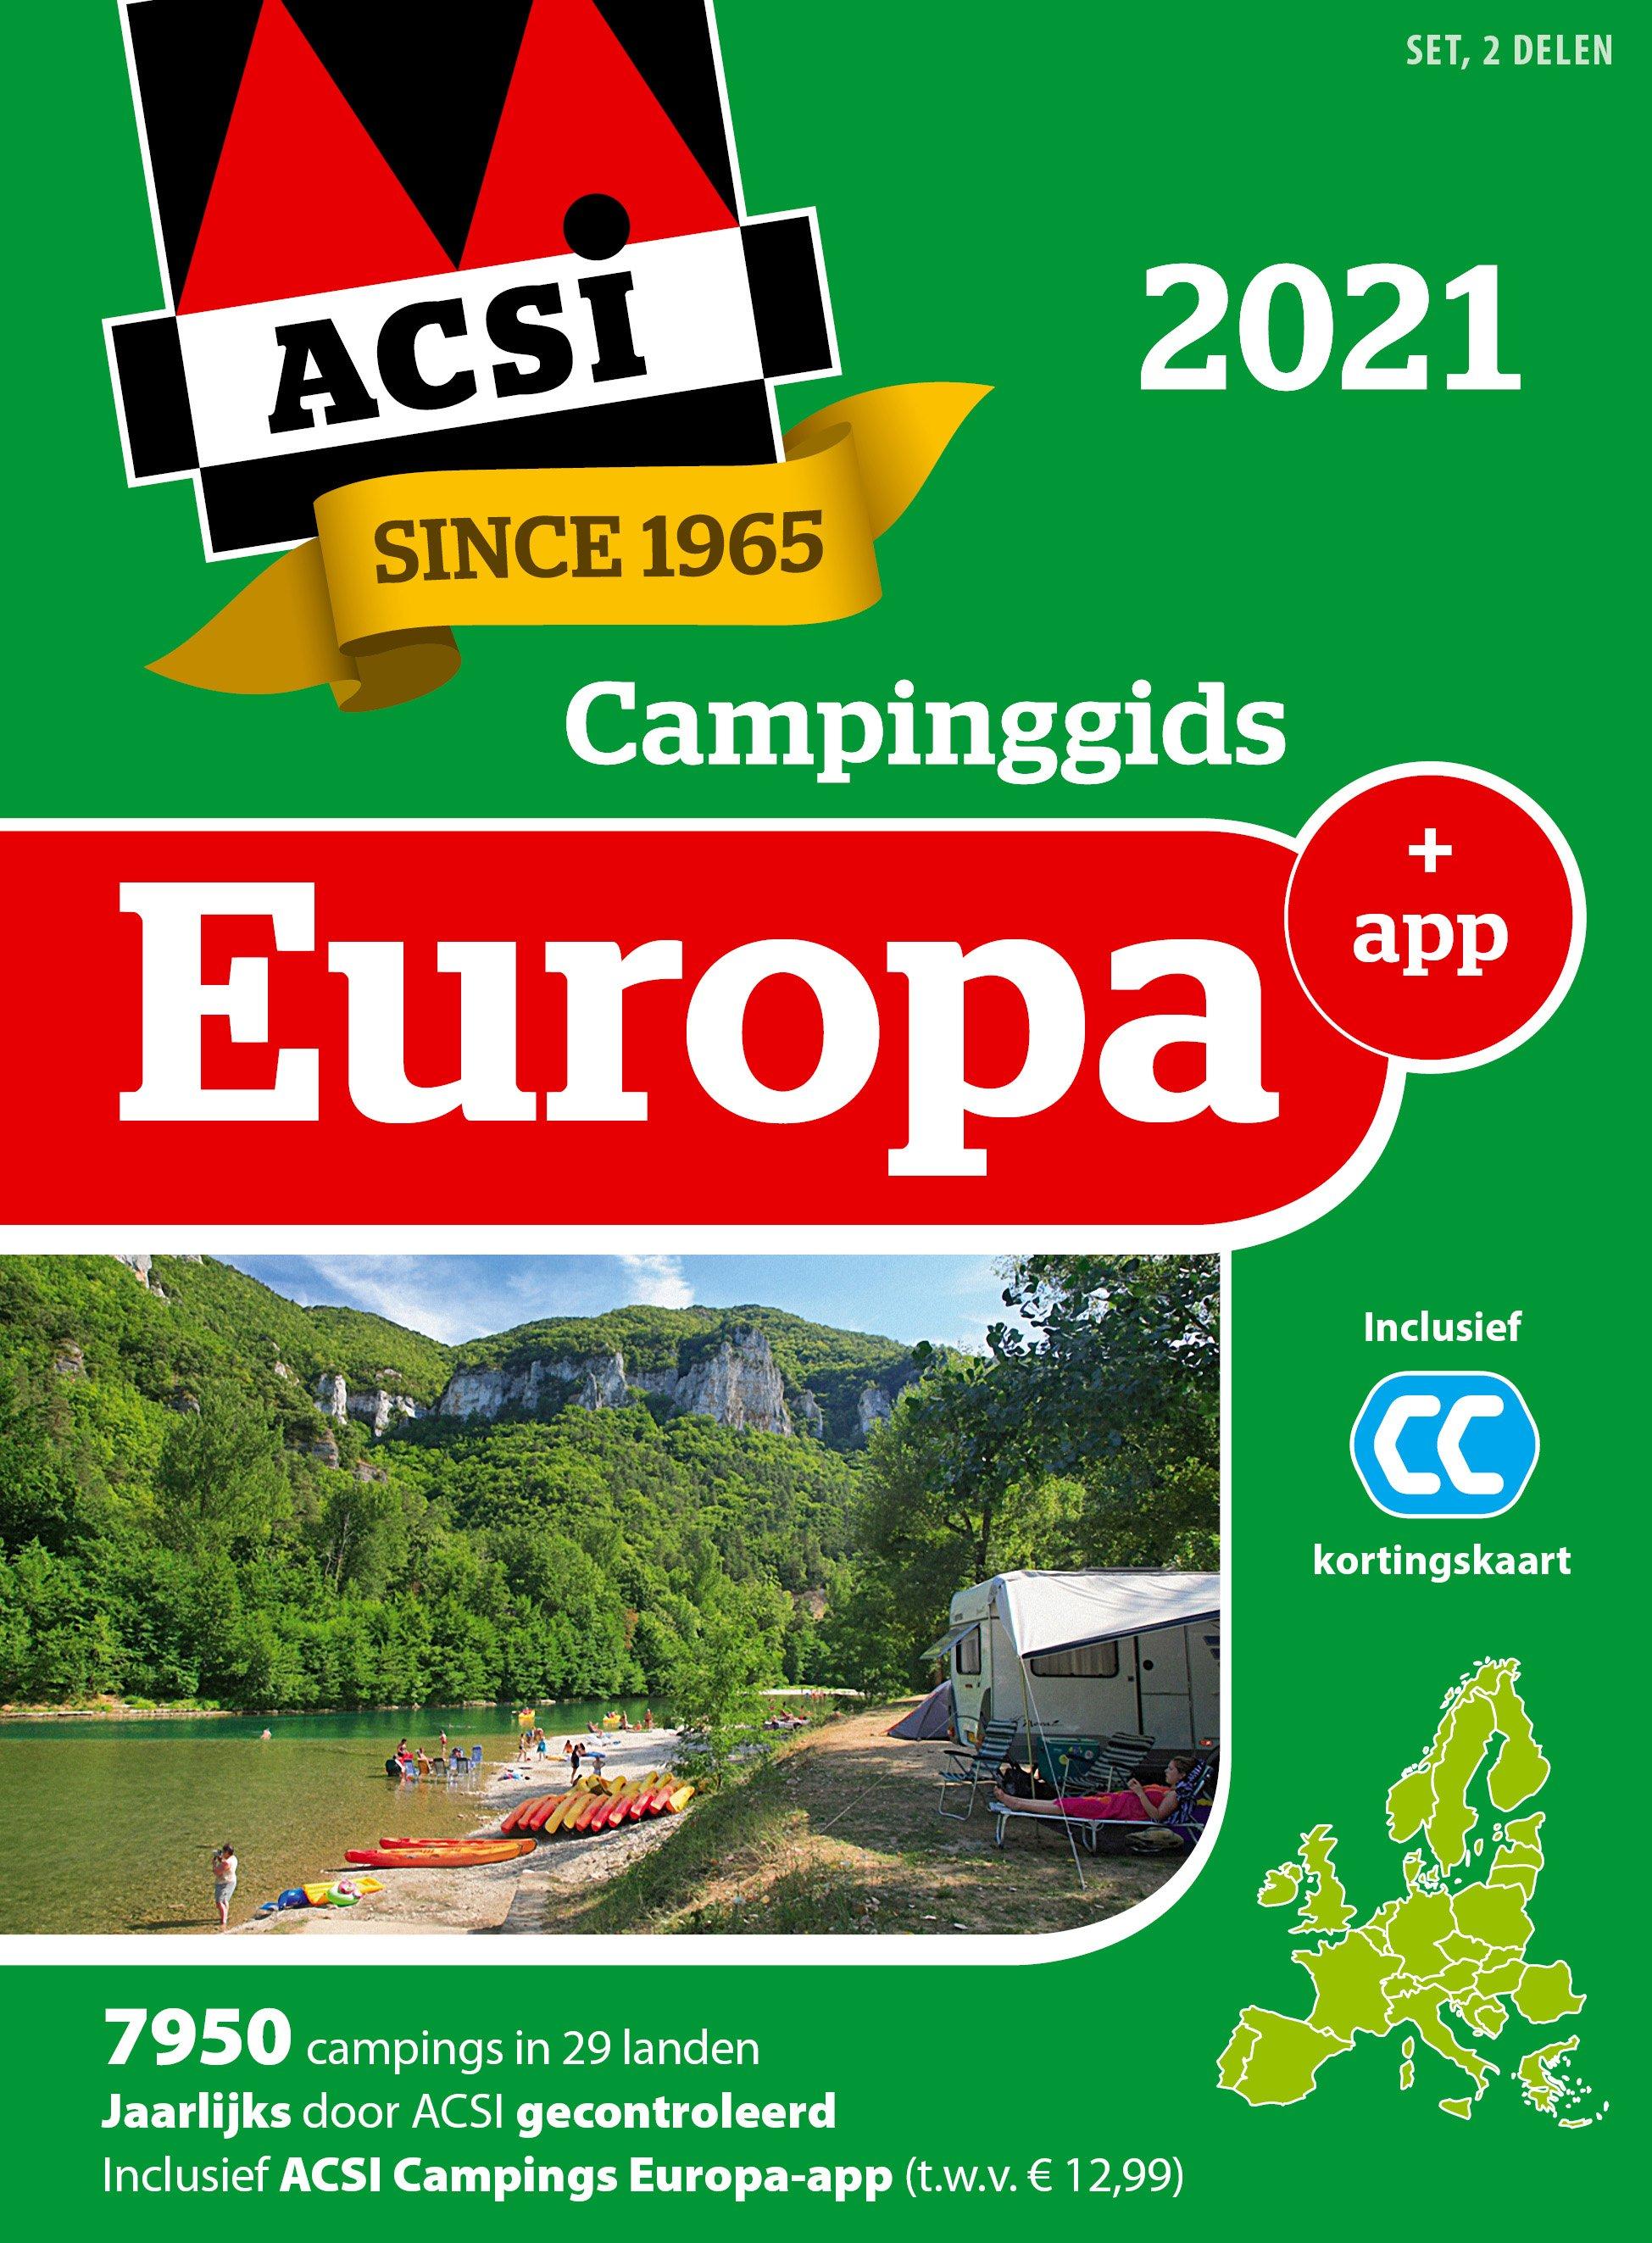 Campinggids europa 2021 + app